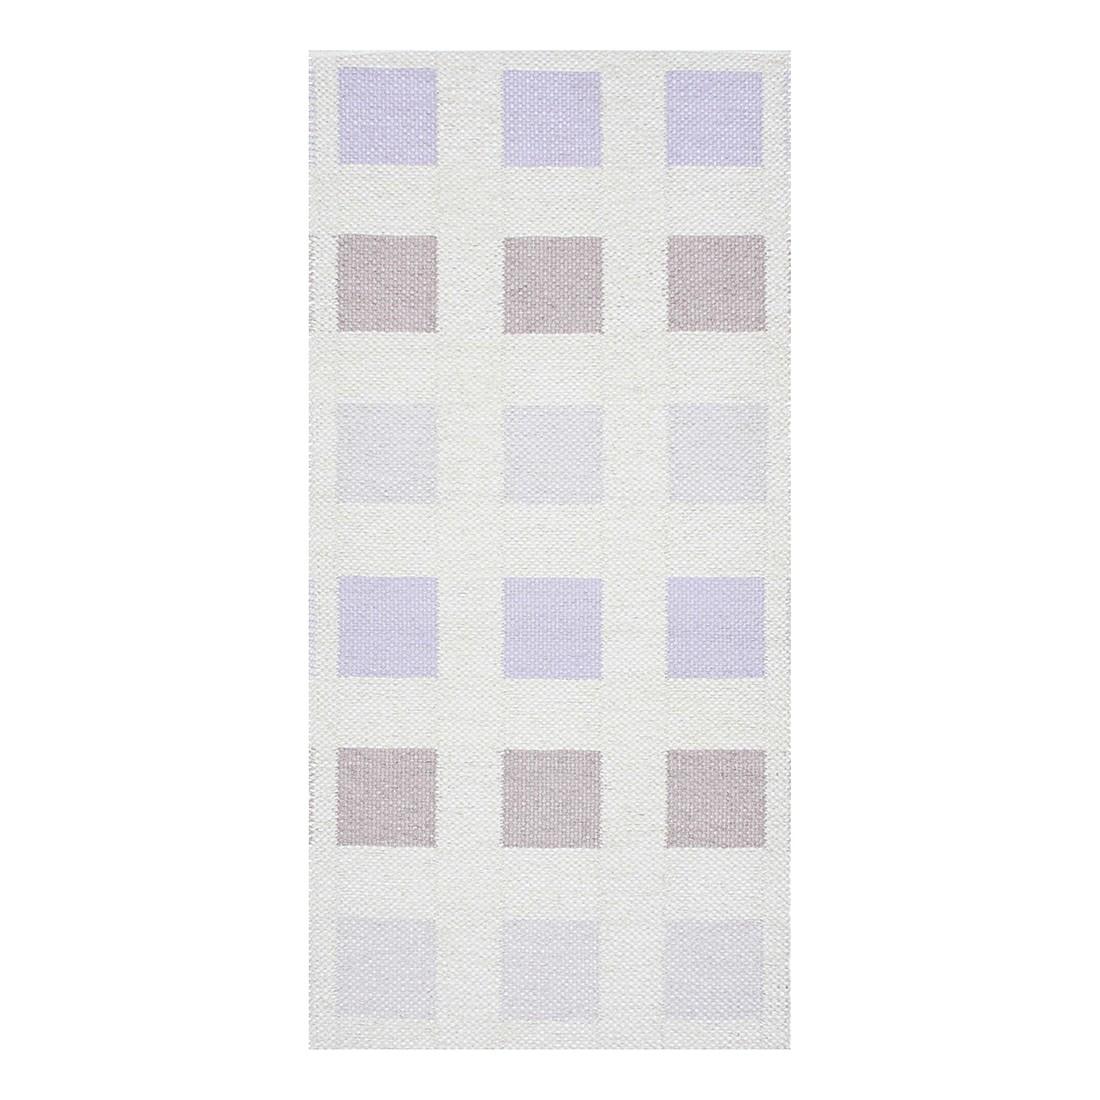 In-/Outdoorteppich Cubo VIII – Kunstfaser Violett/Beige/Cremweiß, Swedy günstig online kaufen